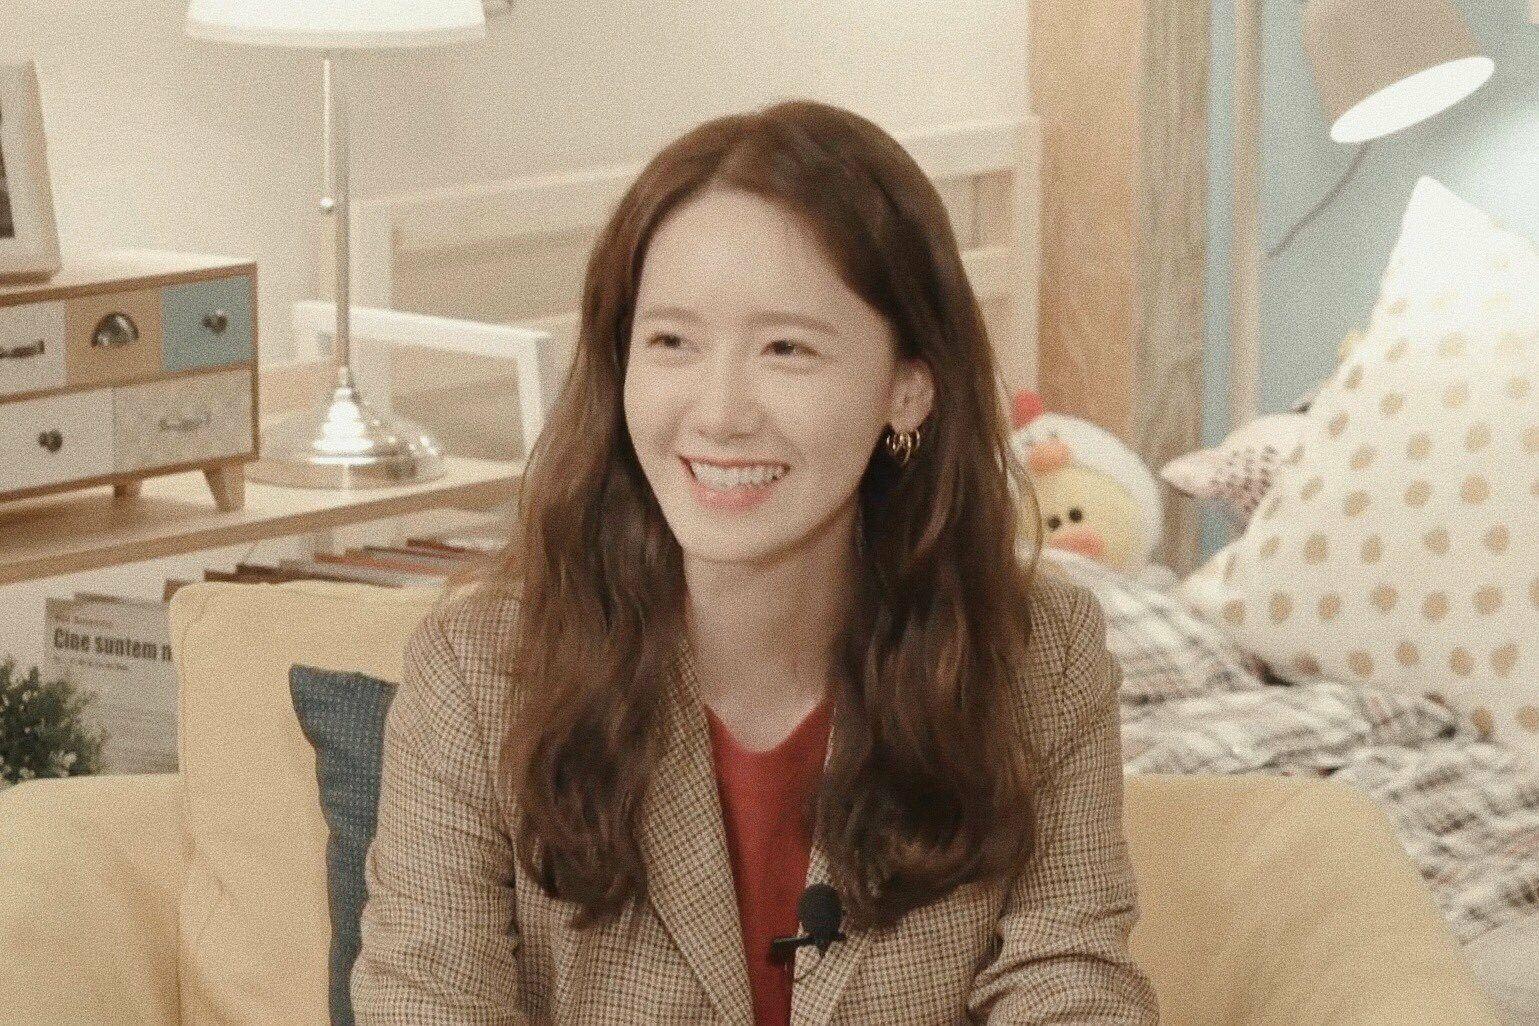 ボード「YoonA (SNSD)」のピン